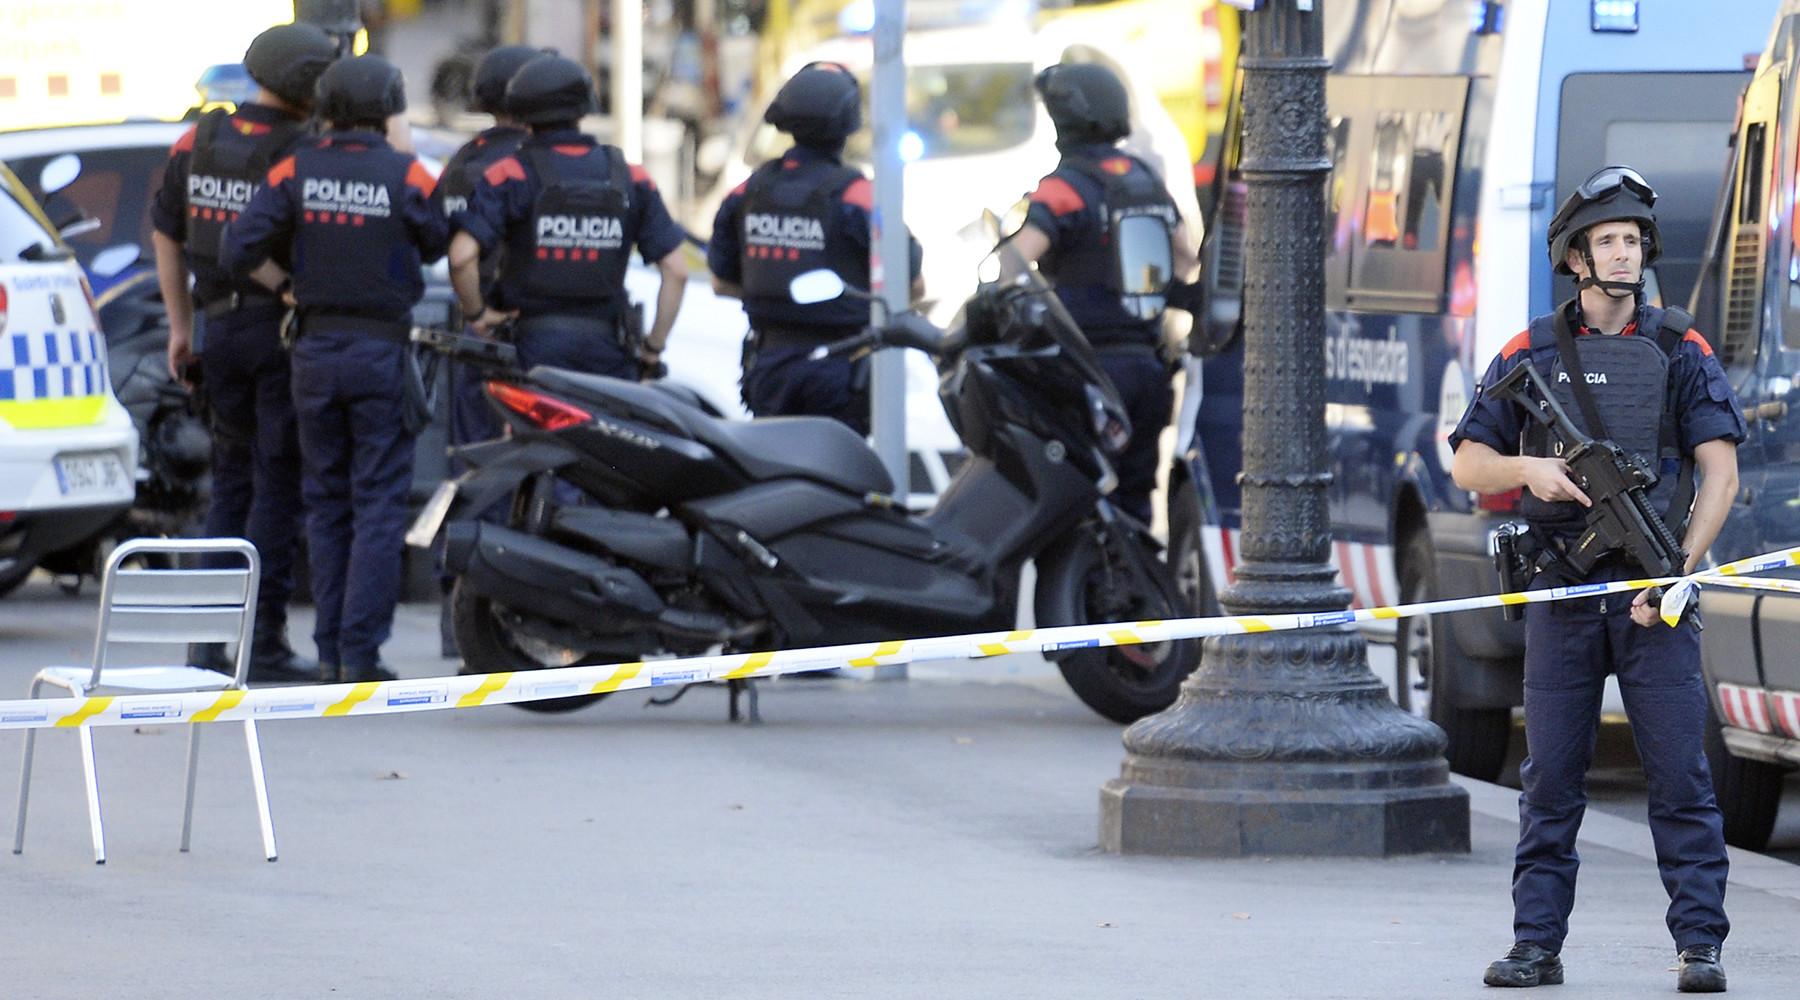 Барселонский таран: почему в Европе продолжаются «автомобильные теракты»